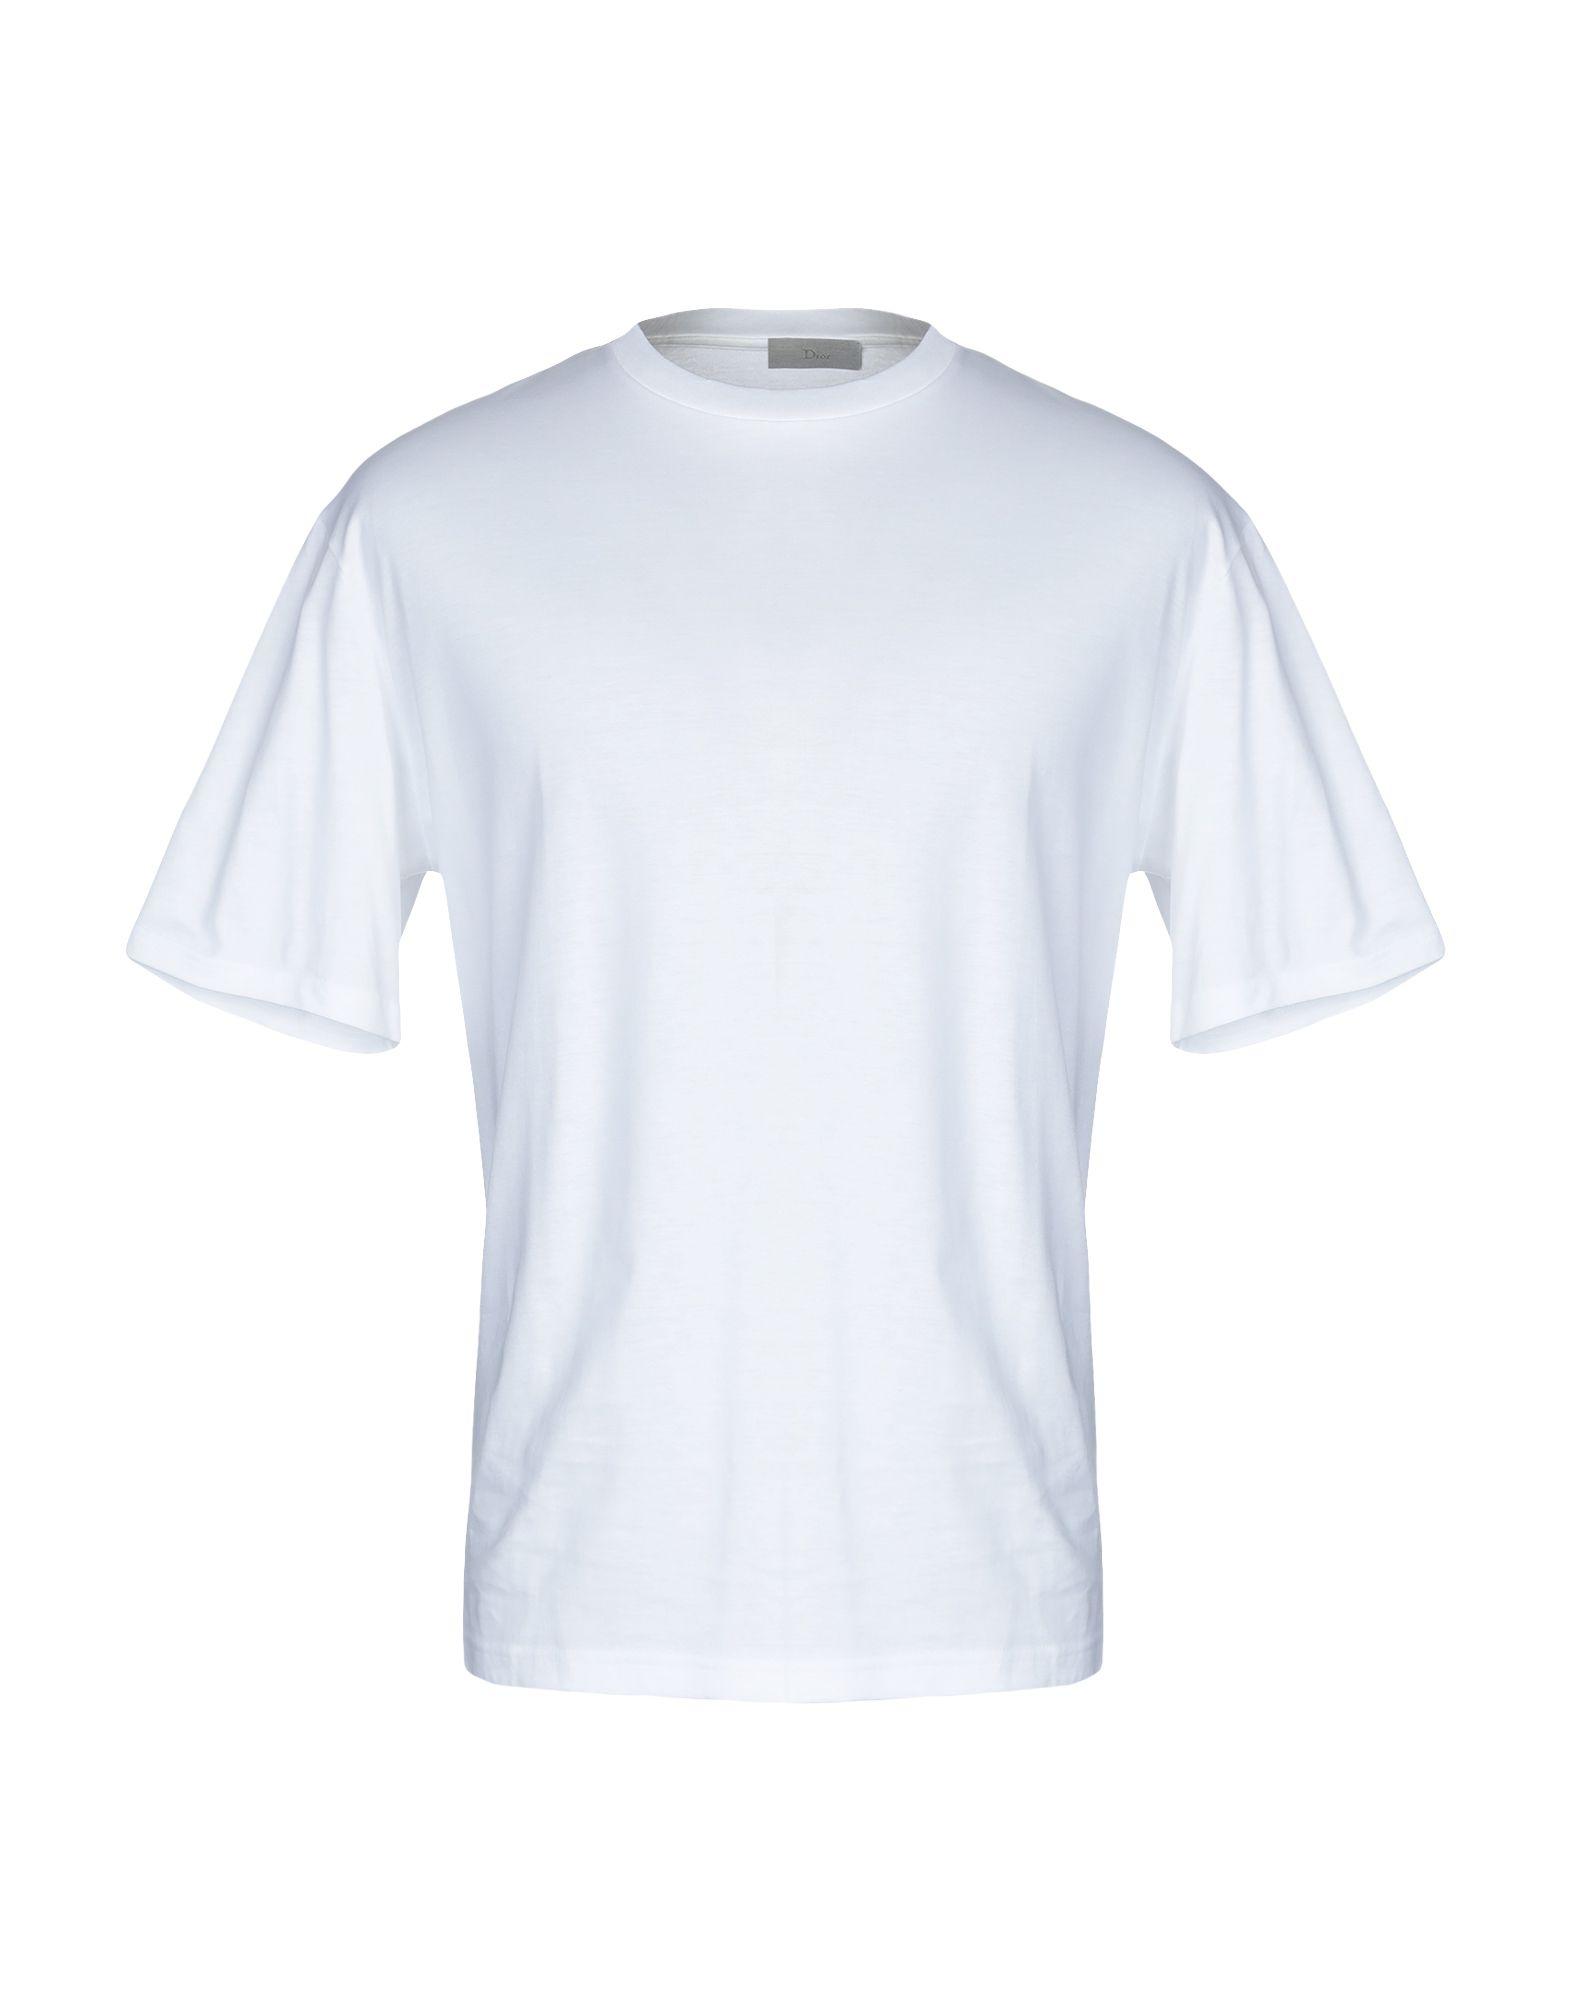 ffd3af4cef9 Dior Homme T-Shirt - Men Dior Homme T-Shirts online on YOOX Portugal ...